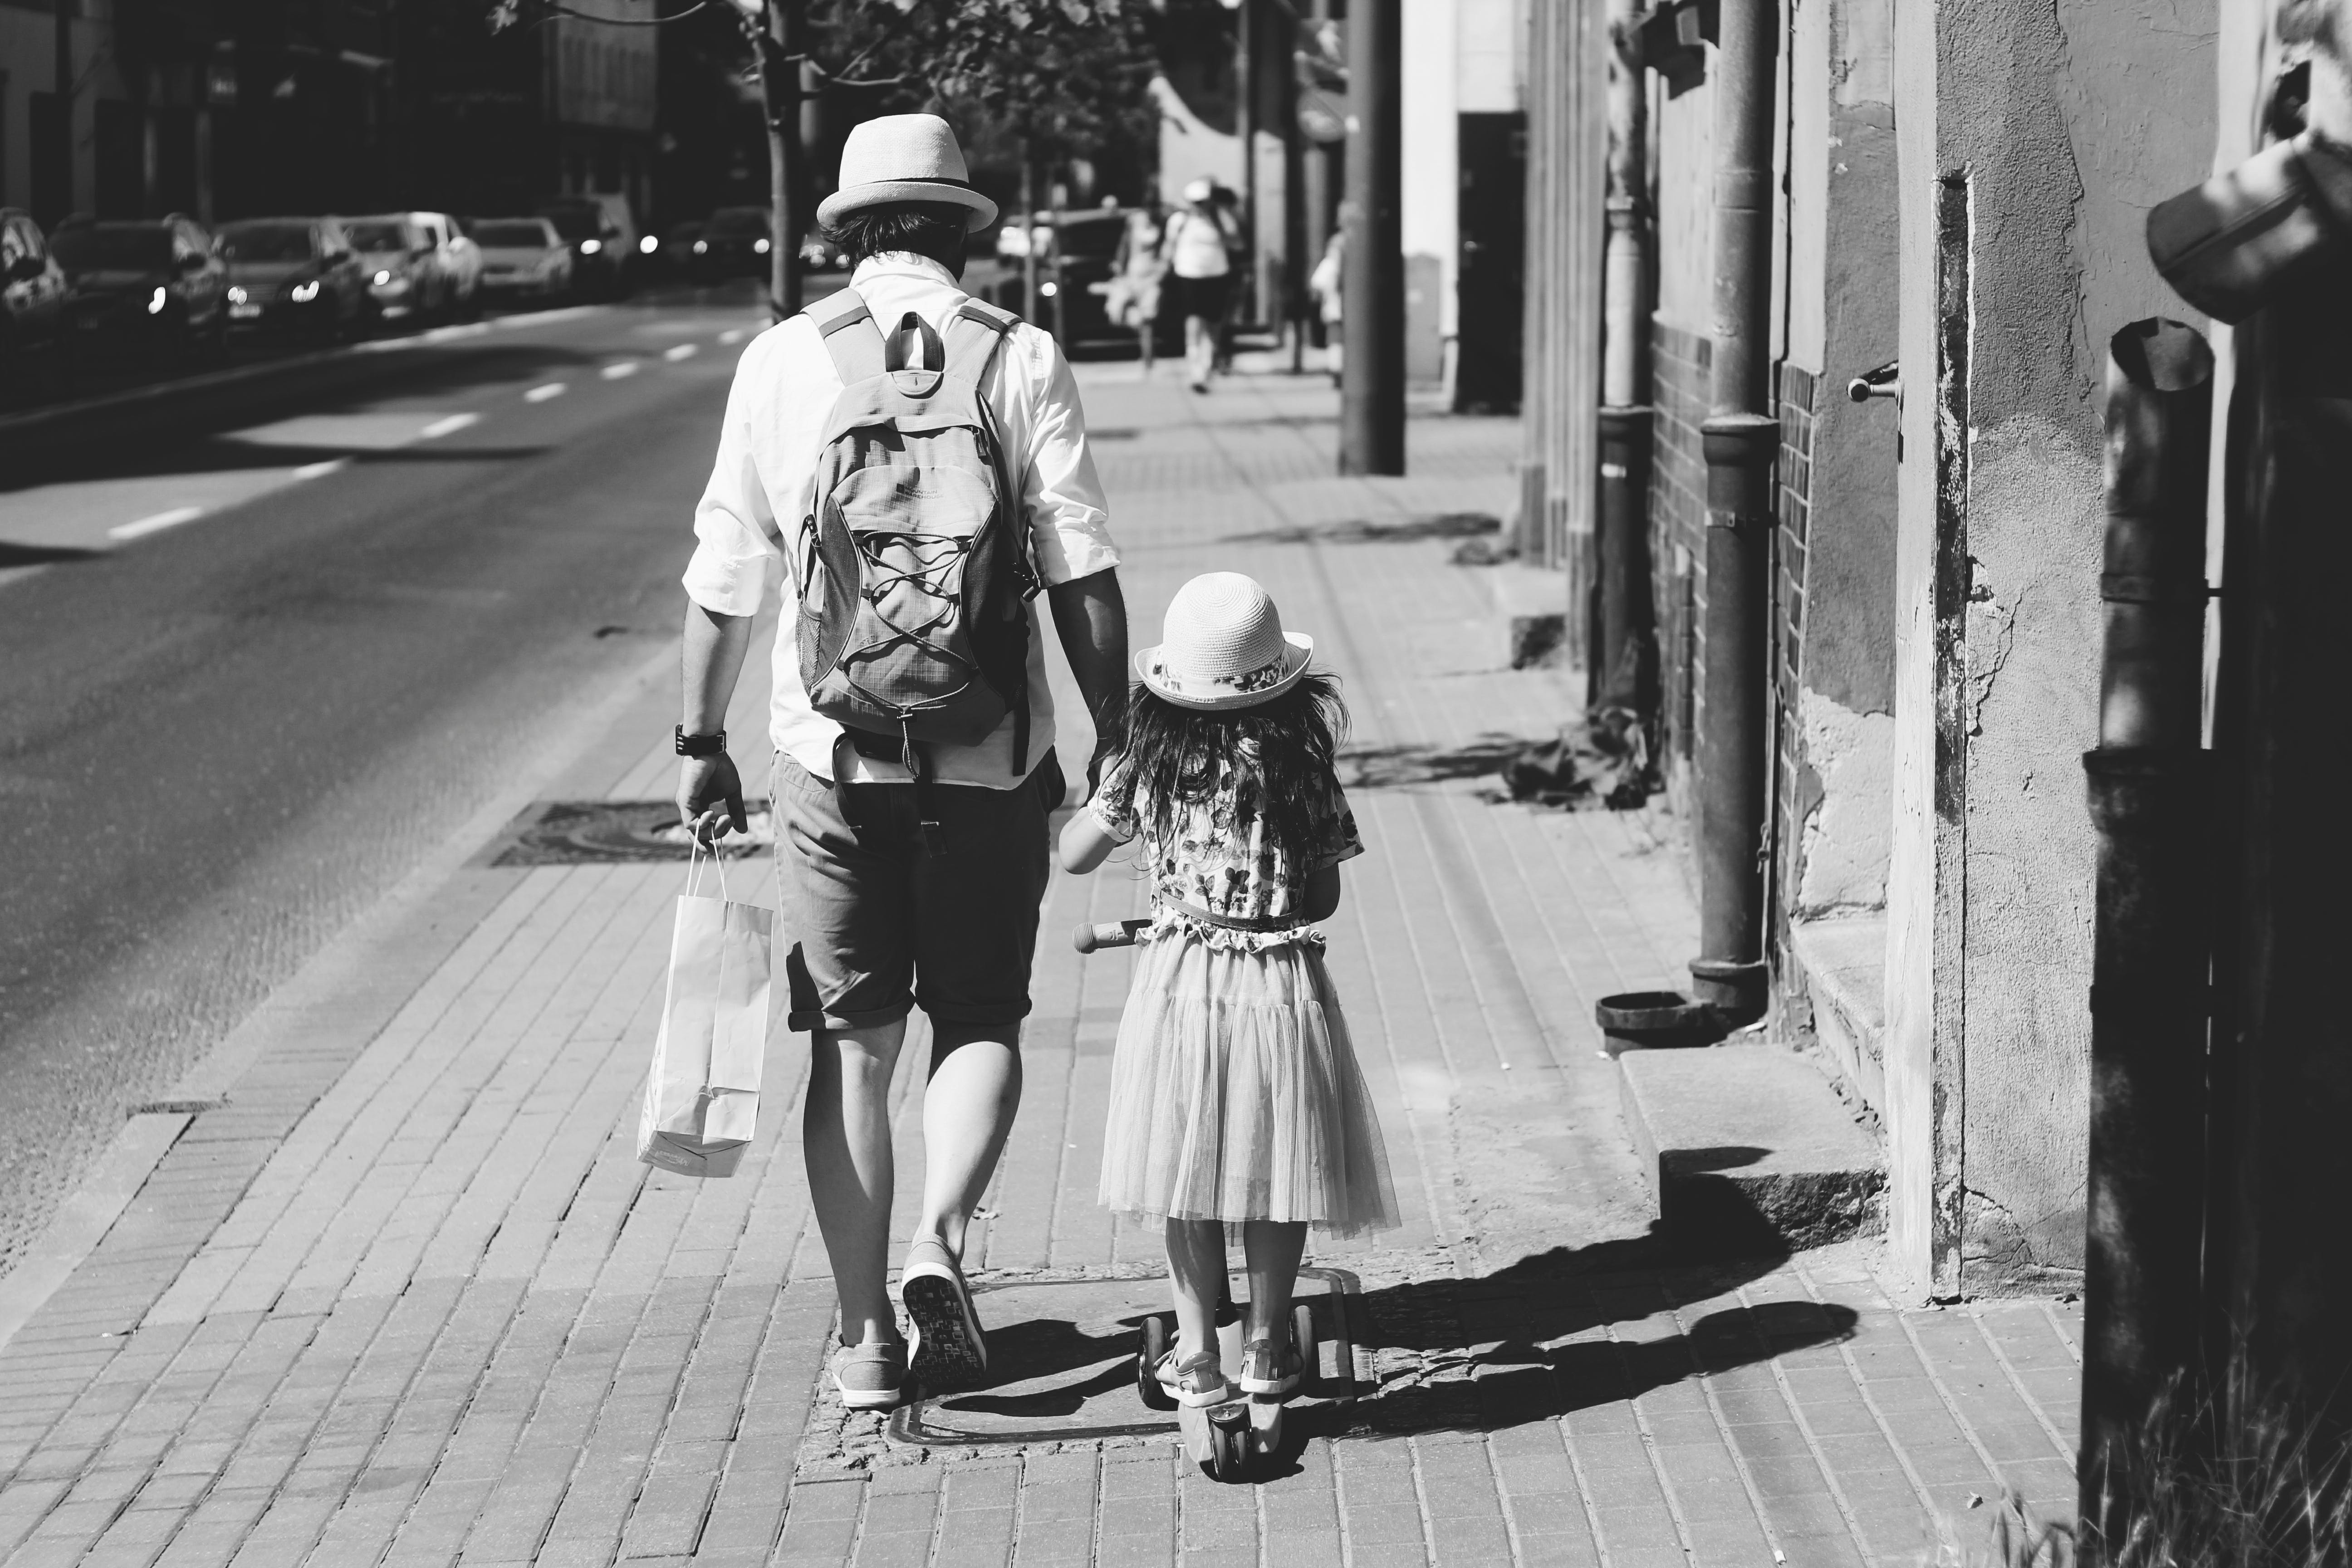 Man Holding Girl While Walking on Street